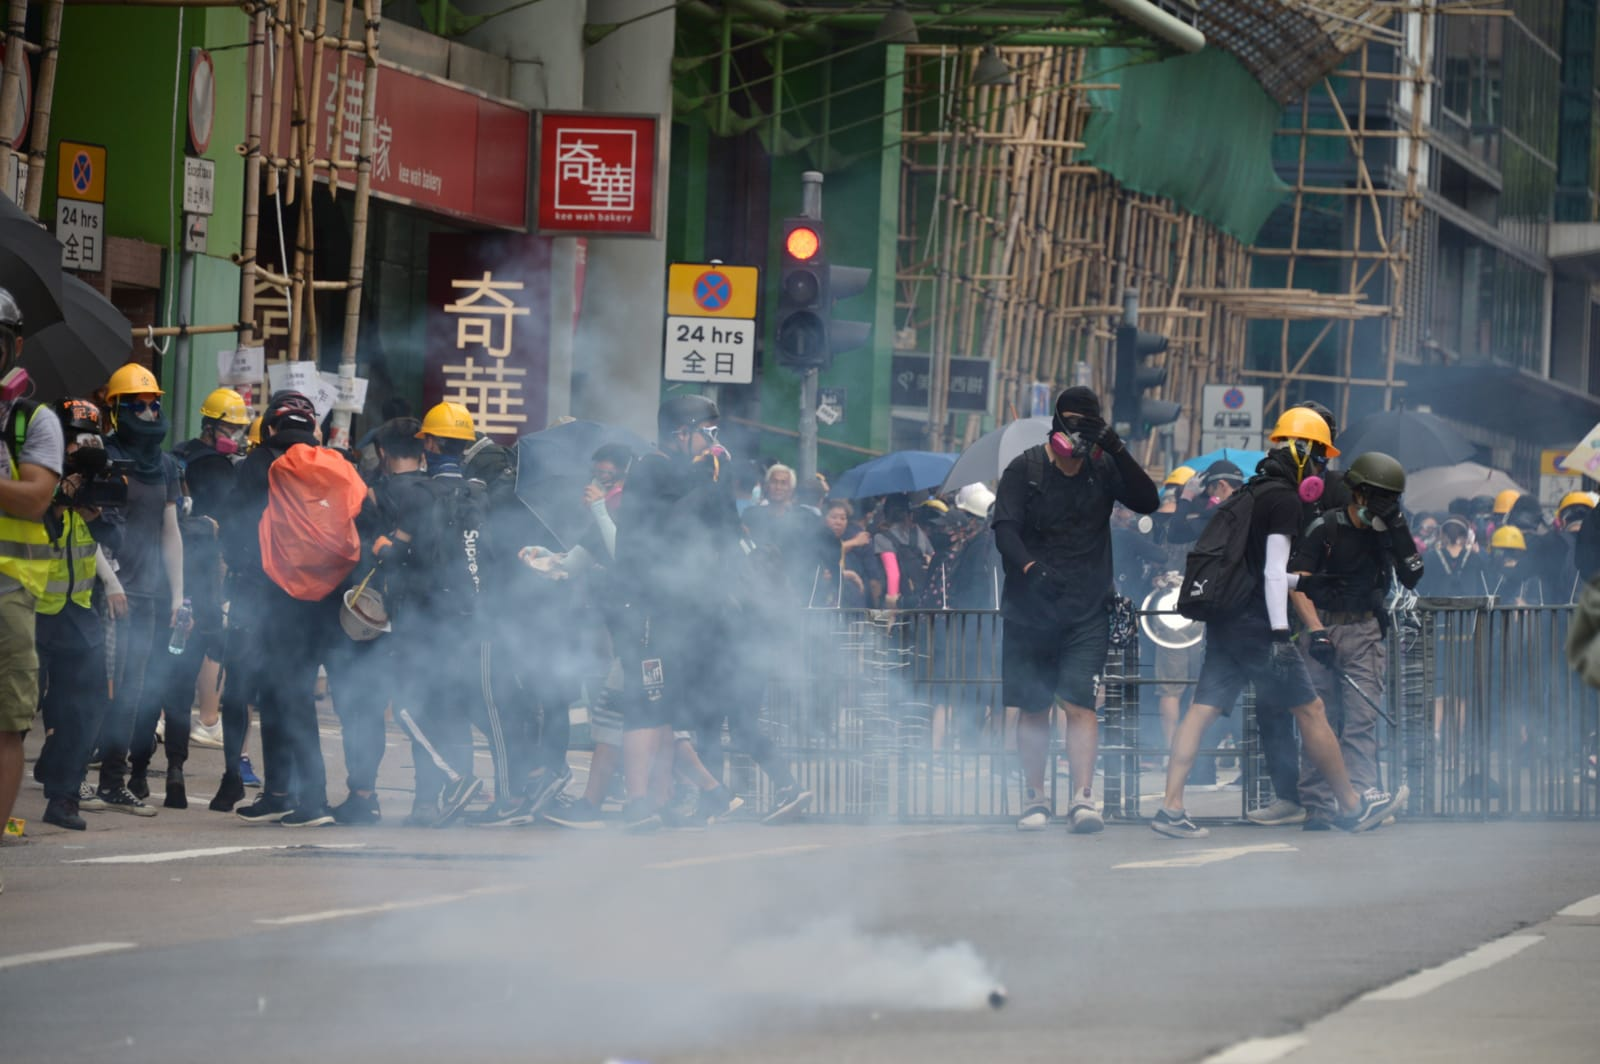 本港示威者經常會佩戴頭盔面罩防毒面具。資料圖片